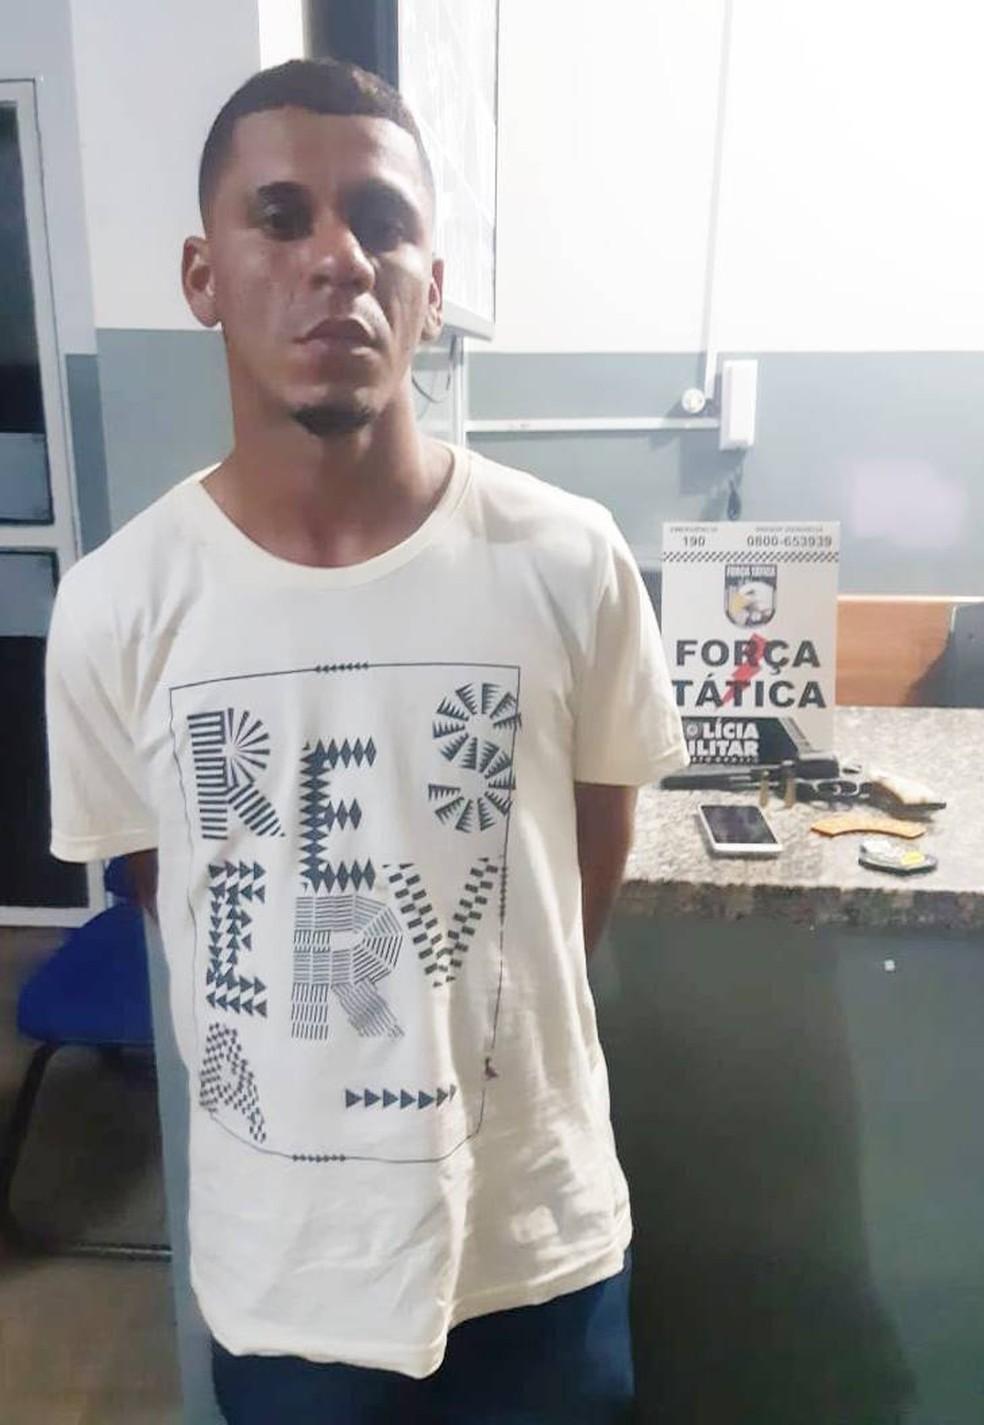 Jairo Bezerra Silva Júnior foi preso suspeito de tentar atirar na mulher dele em Pontes e Lacerda — Foto: Polícia Militar de Mato Grosso/Assessoria